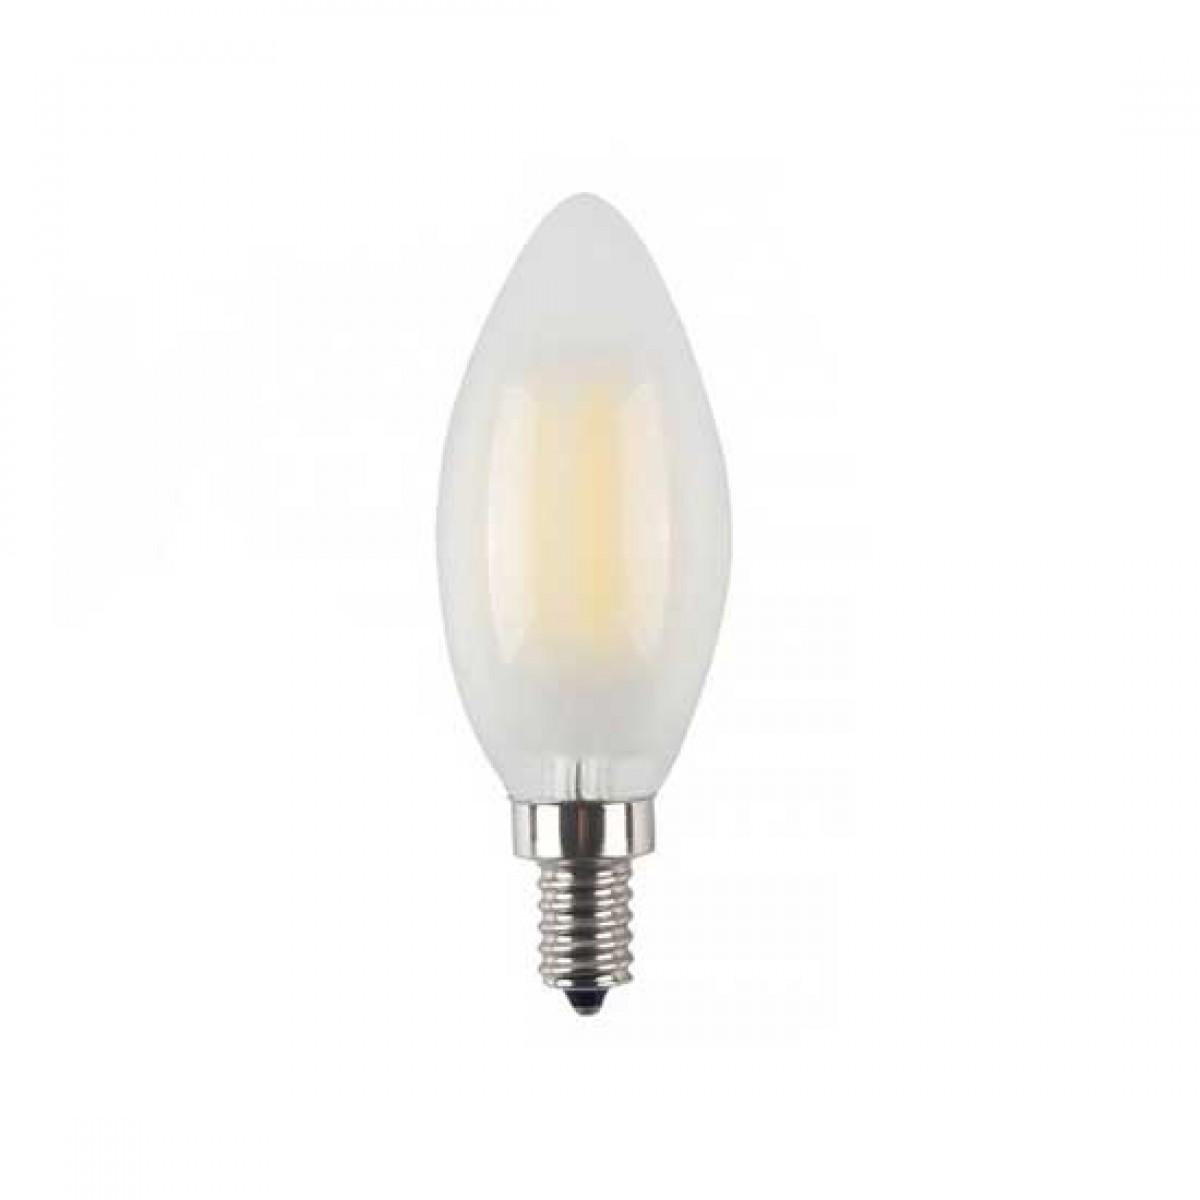 Lampadina led V-TAC dimmerabile 4W E14 bianco caldo 2700K VT-2054D candela VTAC